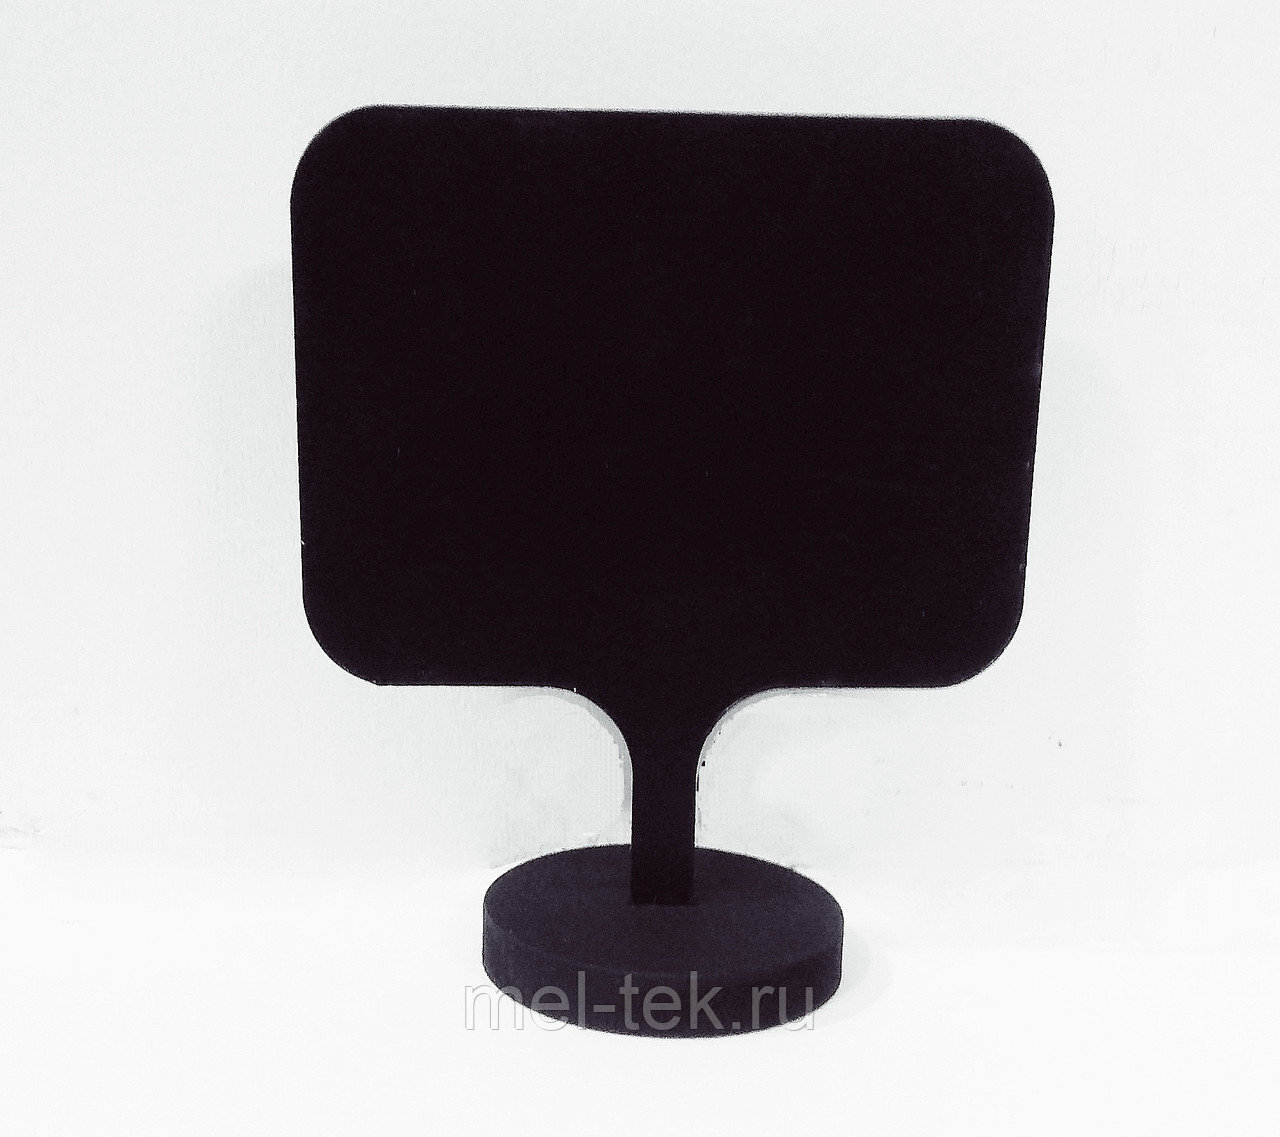 Ценник пластиковый на круглом основании 55*70 мм